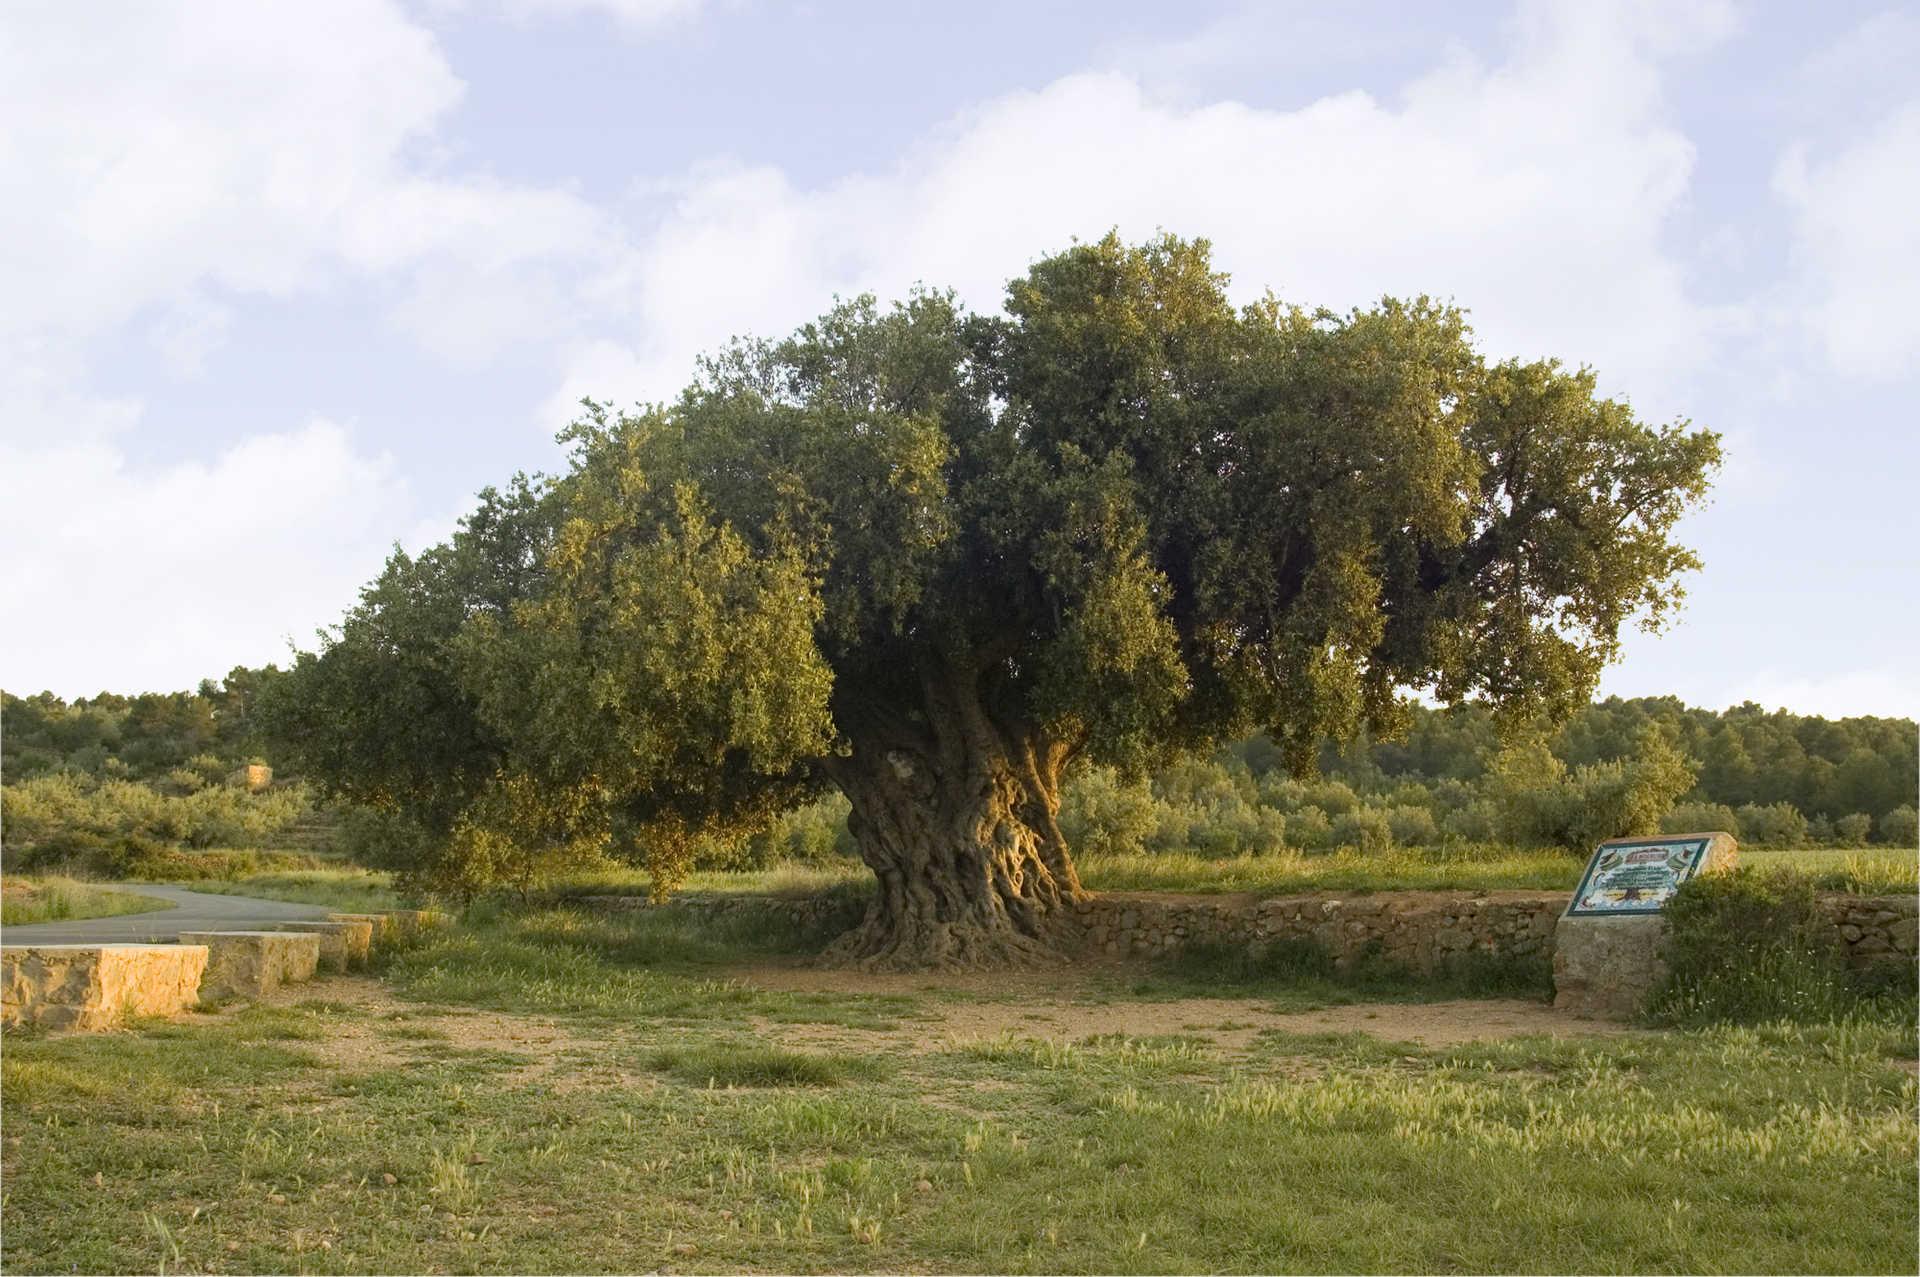 Jahrhundertealter Olivenbaum La Morruda